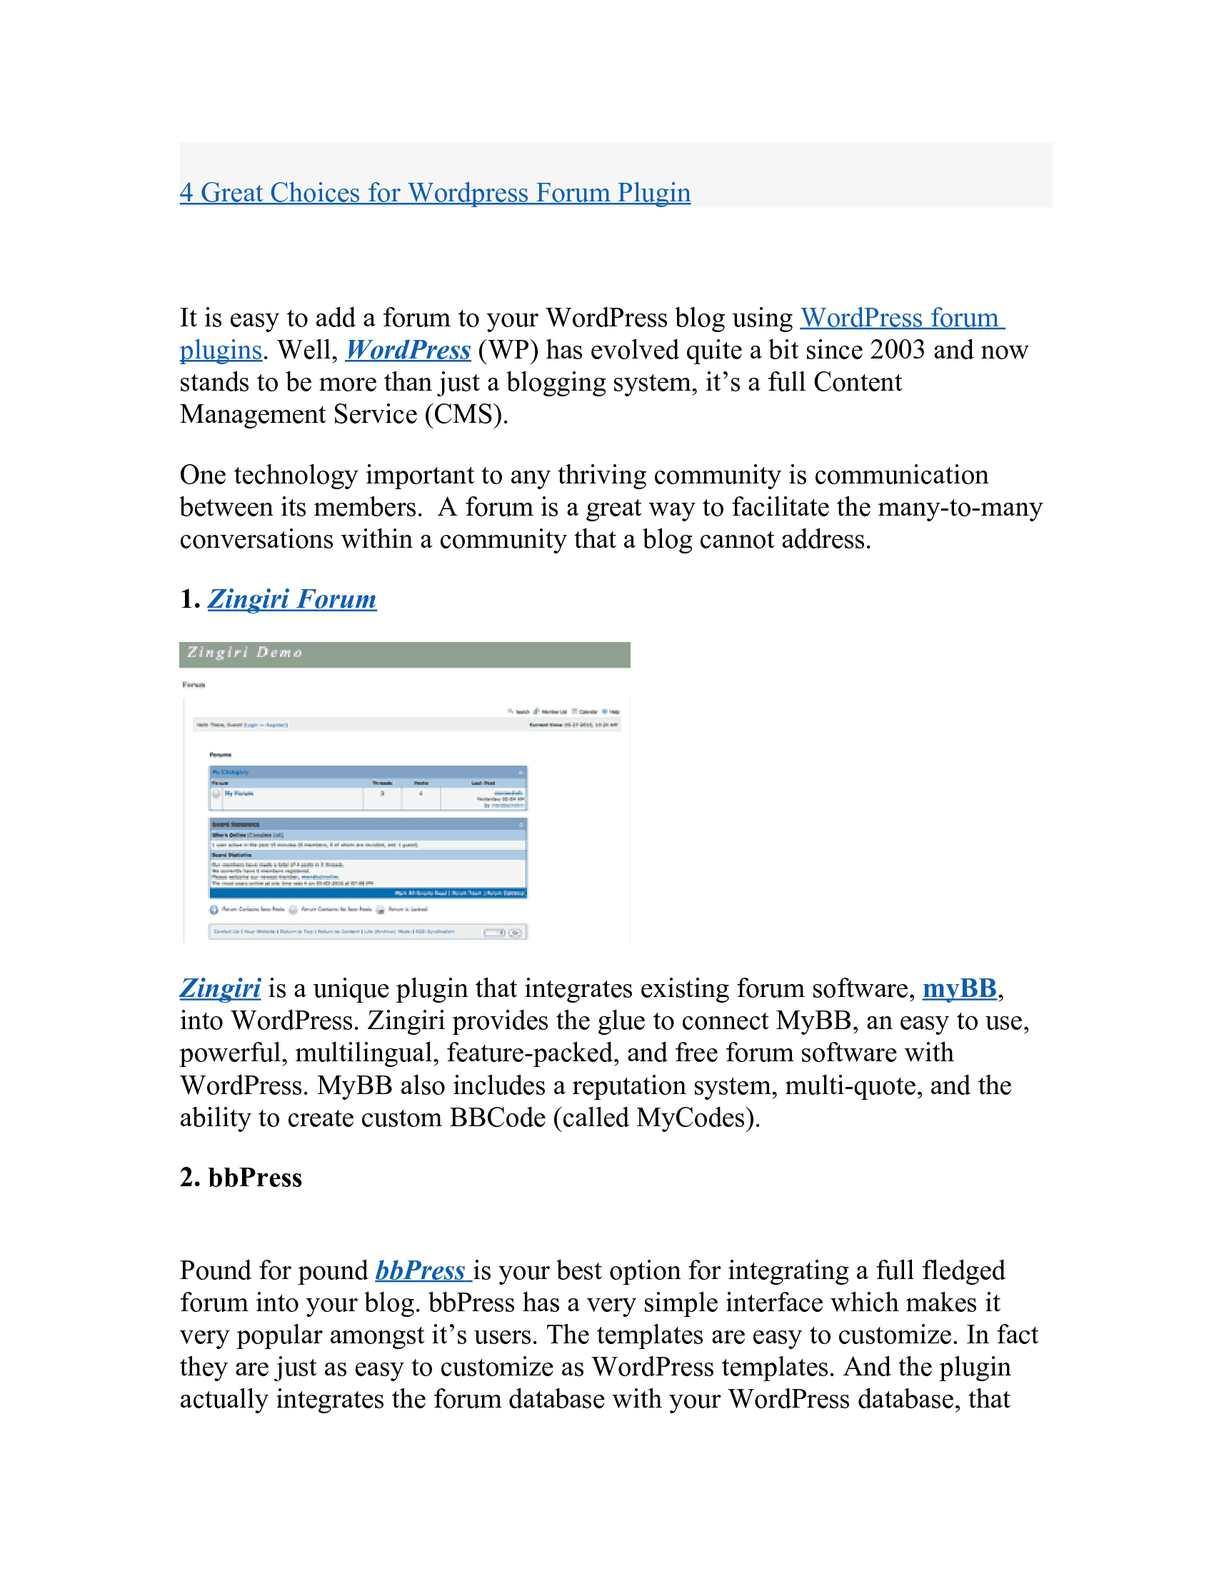 Calaméo - 4 Great Choices for Wordpress Forum Plugin